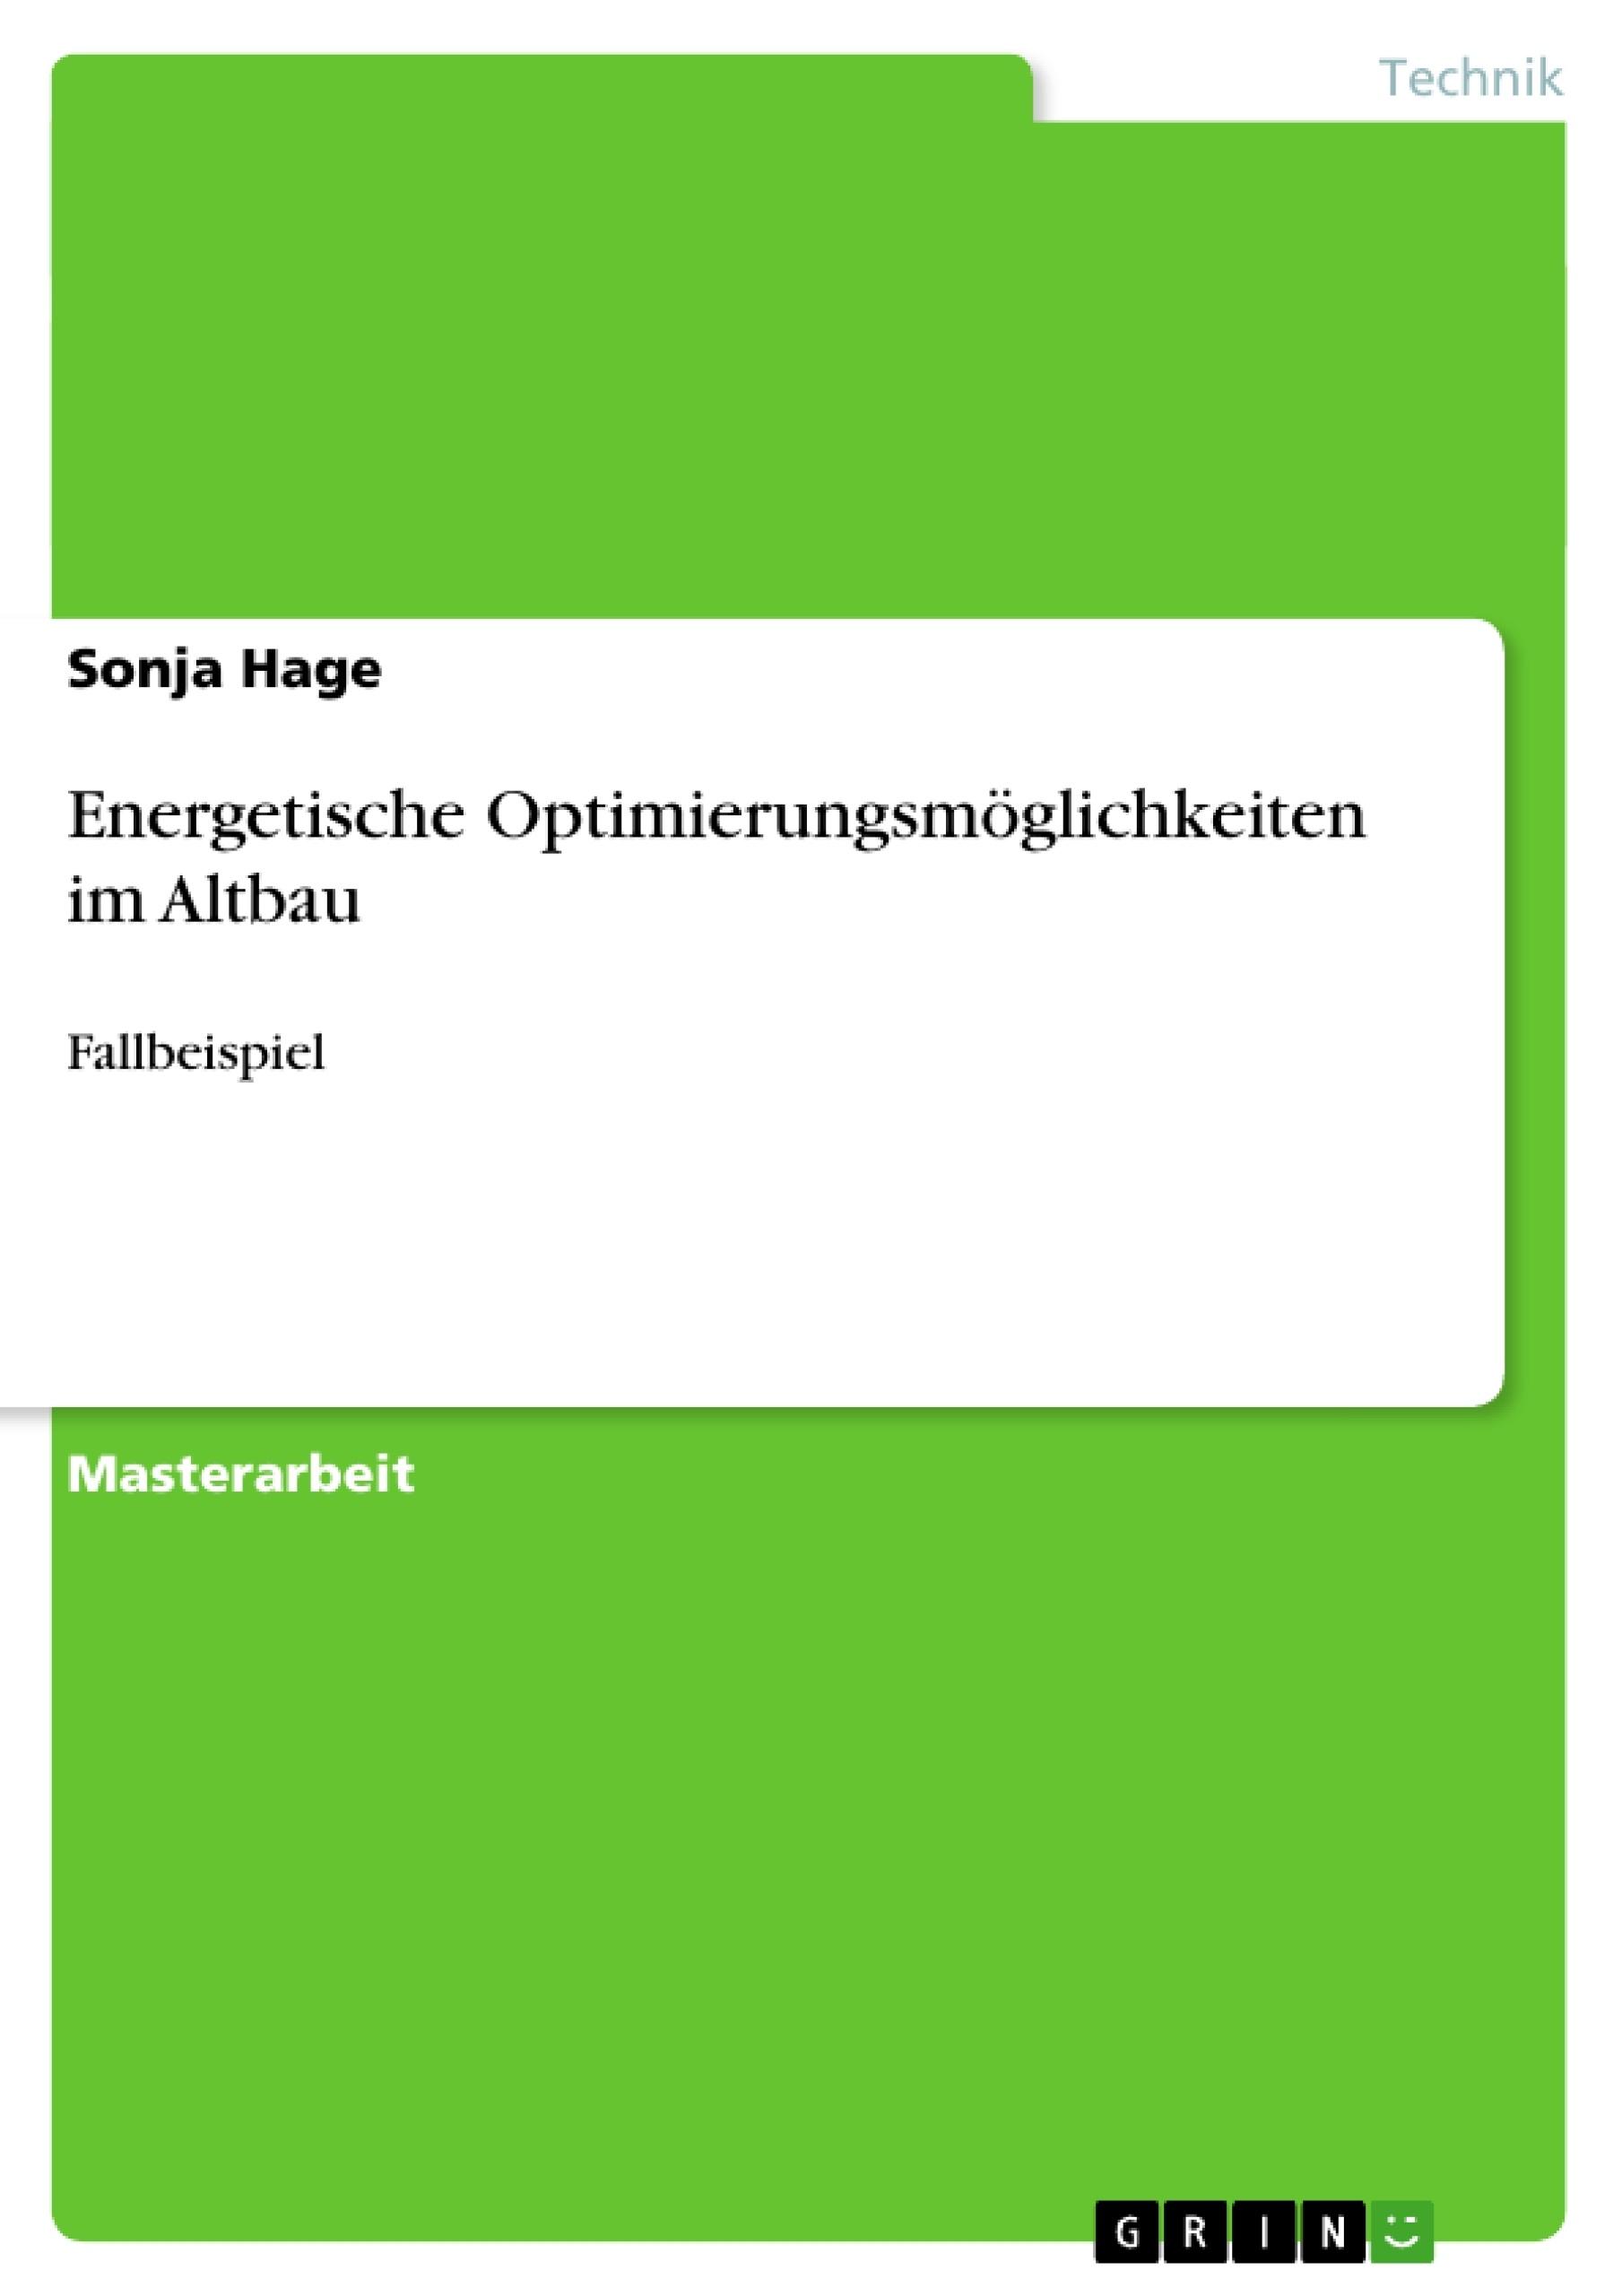 Titel: Energetische Optimierungsmöglichkeiten im Altbau